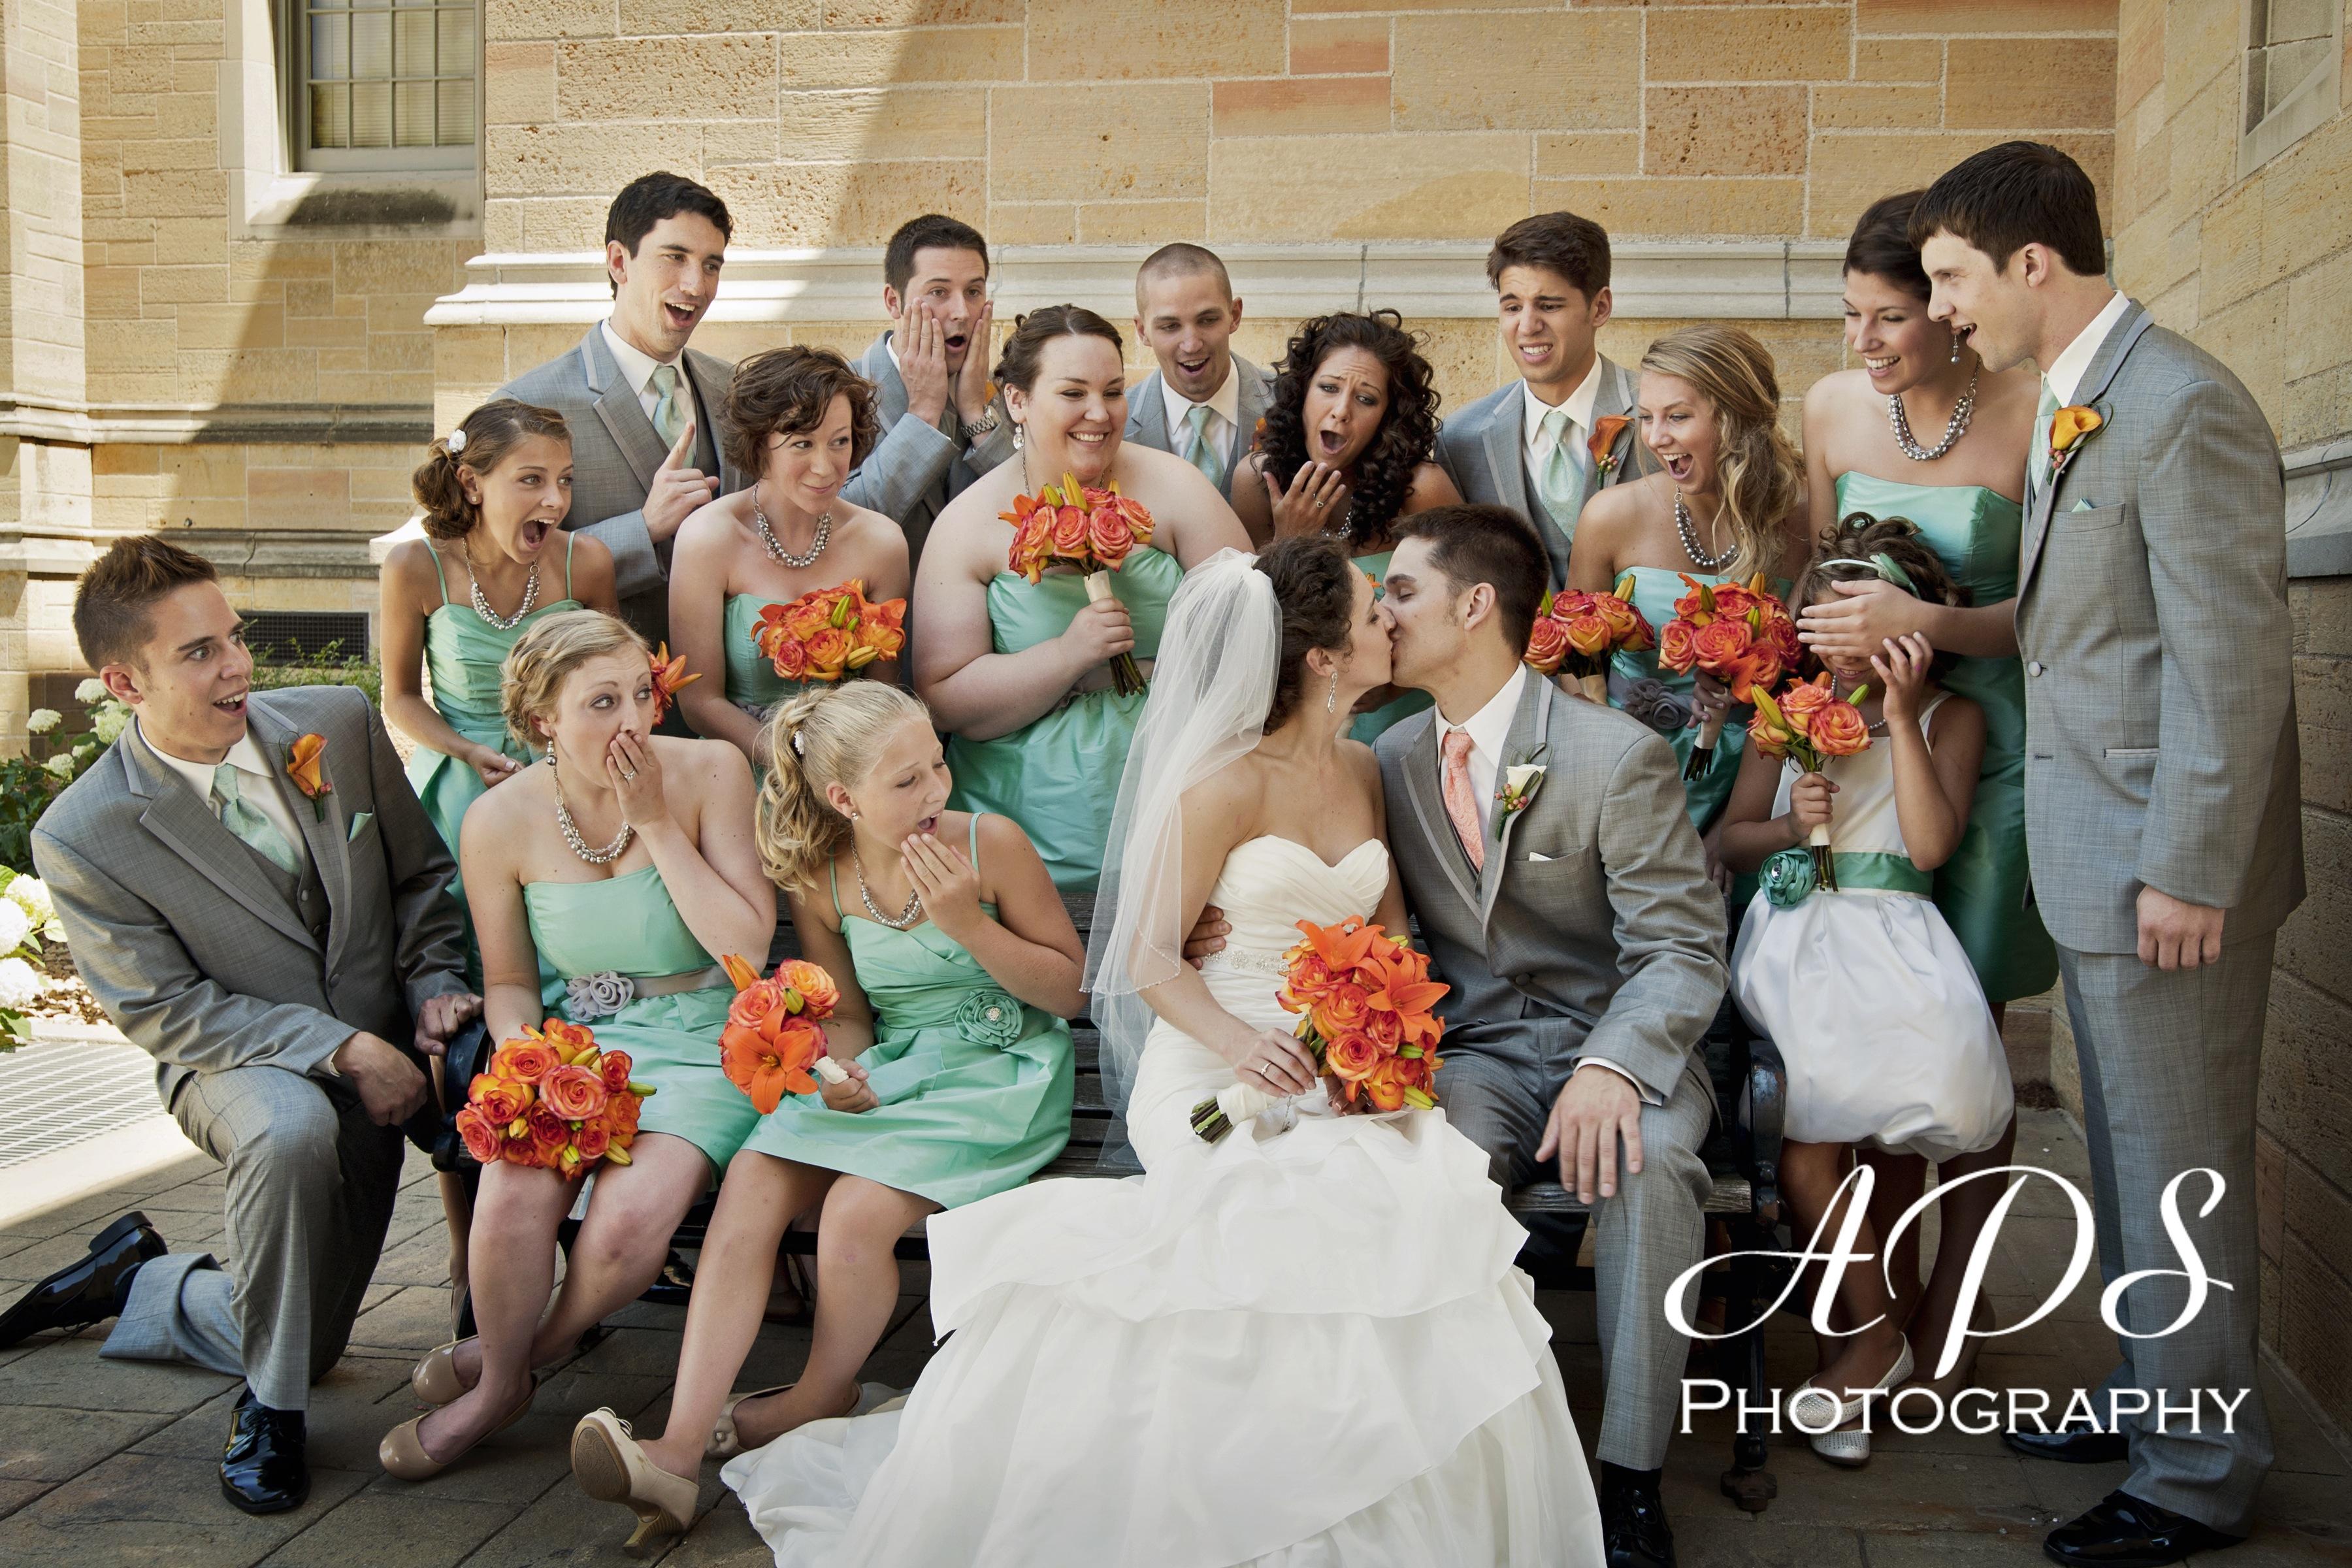 Feeling silly fun wedding photo ideas my hotel wedding connietom3 ombrellifo Gallery